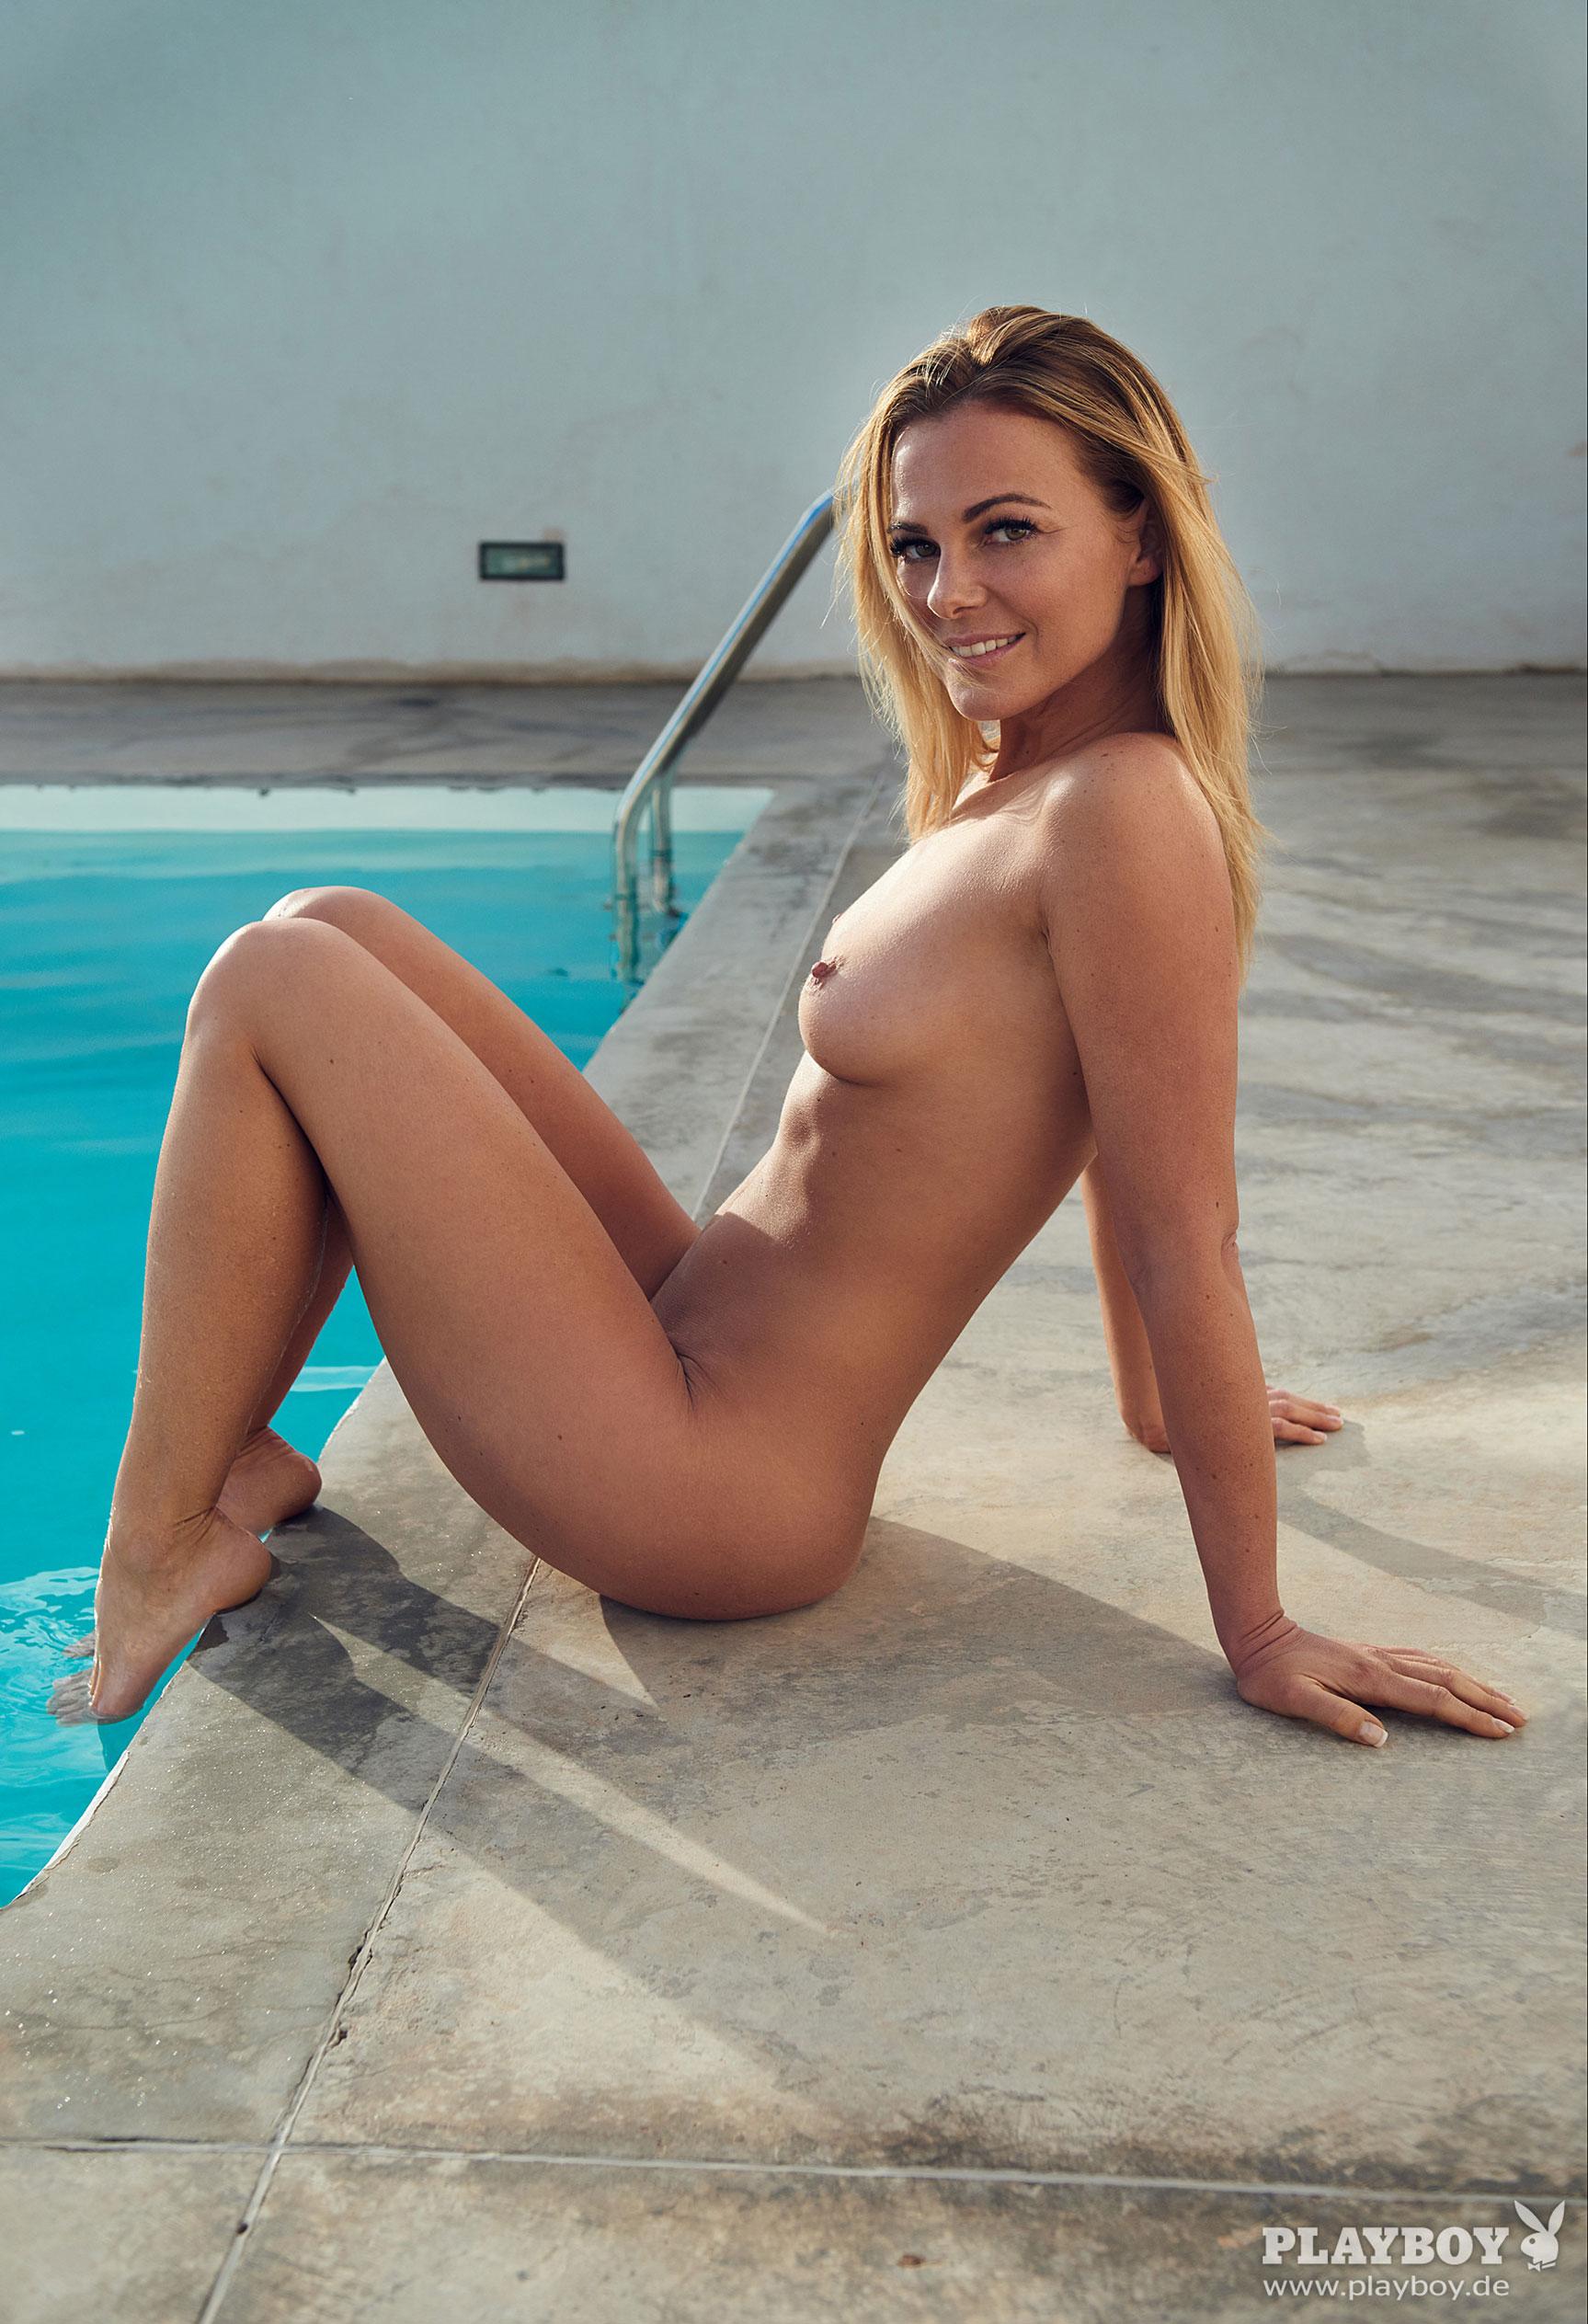 фитнес-модель и тренер, телезвезда Марейке Спалек в журнале Playboy Германия, апрель 2018 / фото 06